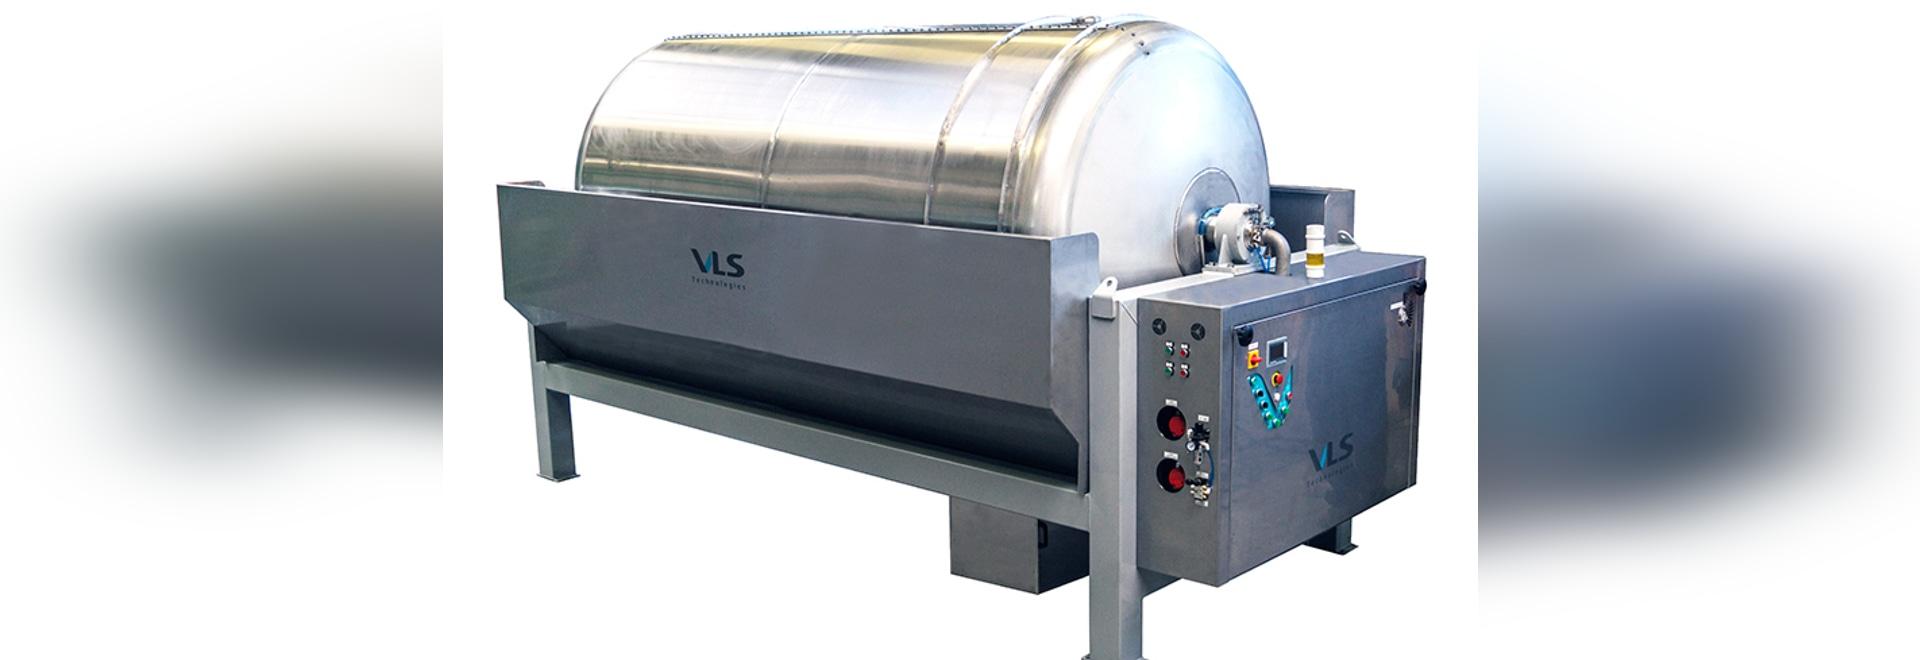 A PSC 80 press for the Portuguese Vinho Verde